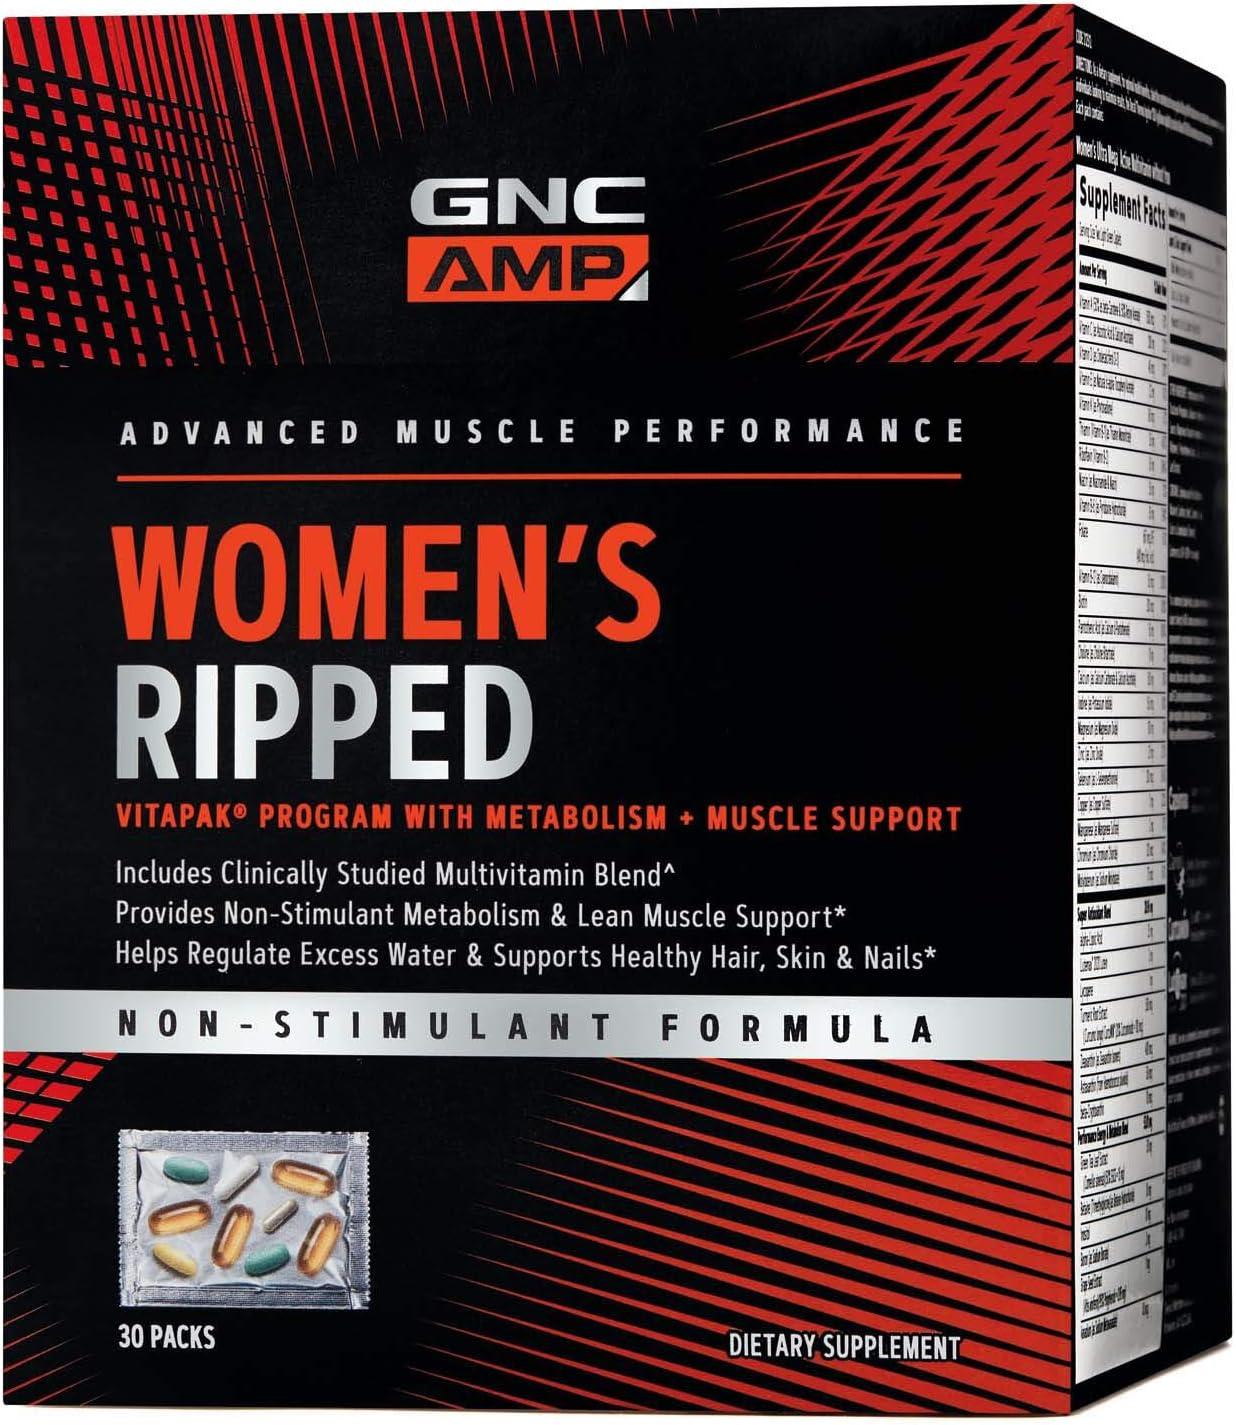 gnc femei ripped vitapak pierdere în greutate alicia vitarelli își pierde greutatea